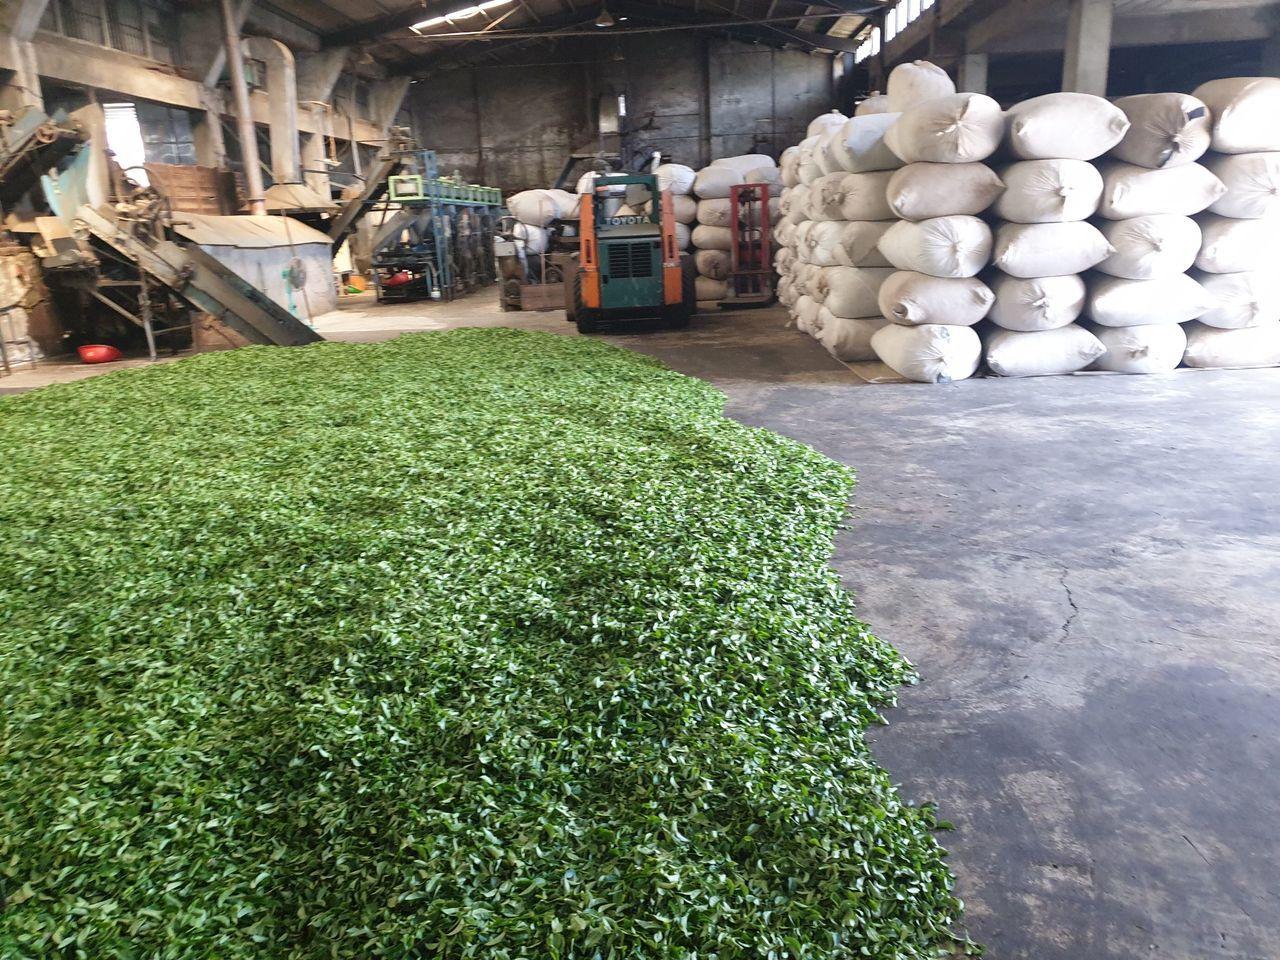 关西镇长刘德梁到制茶厂访查,发现有许多制造好的茶叶成品,一包包堆迭起来,仓库整个...